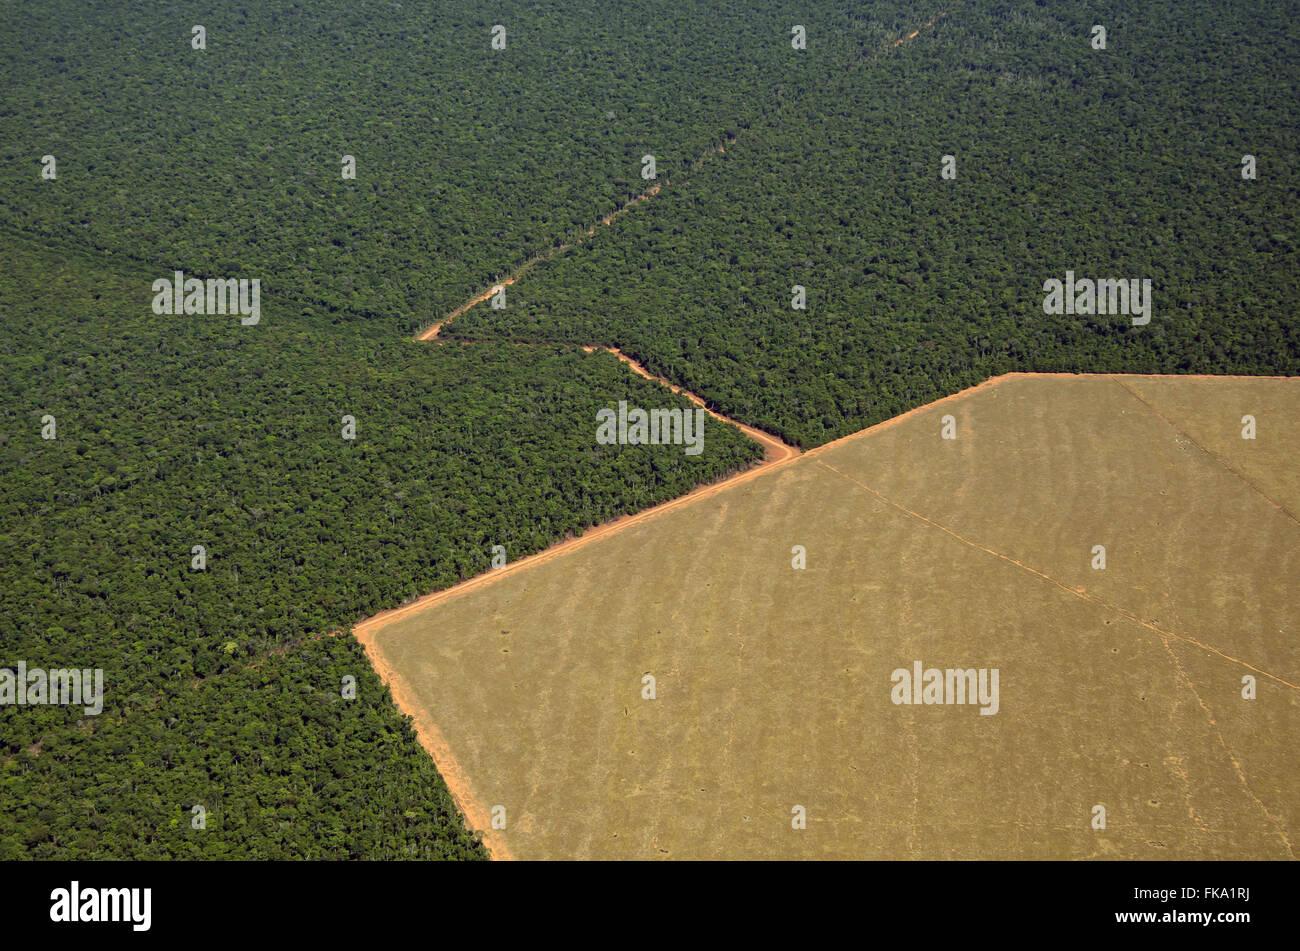 Luftaufnahme des Gebiets erhalten und Fläche für die Landwirtschaft in der Mitte Savana entwaldet zu begrenzen Stockfoto